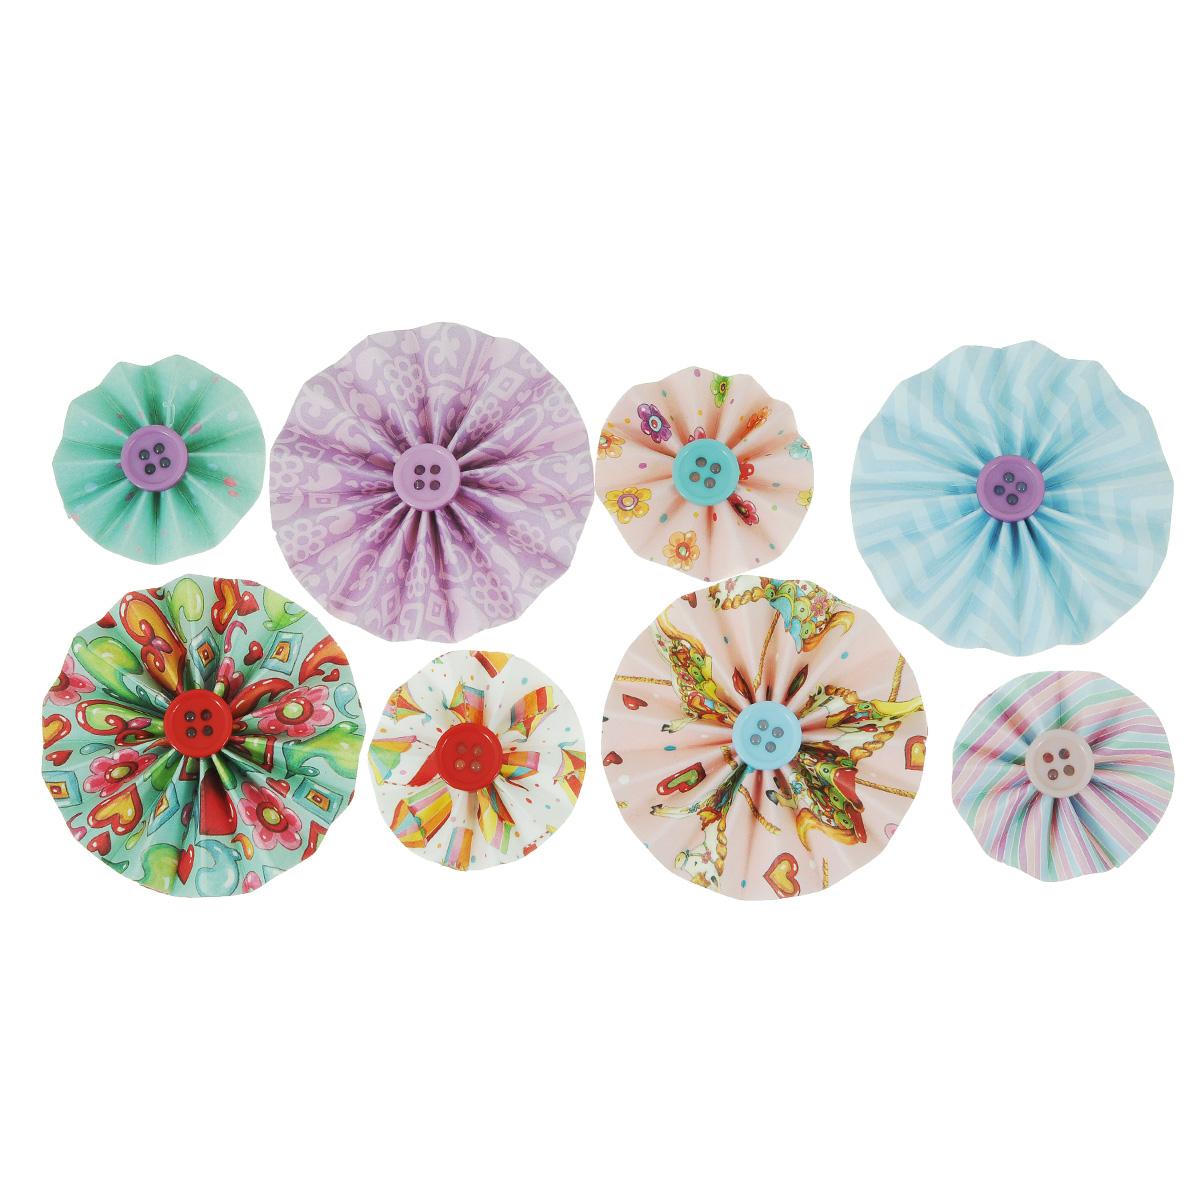 Стикеры-гармошки Trimcraft Fun Fair, 8 штHCST022Стикеры-гармошки Trimcraft Fun Fair, выполненные из бумаги, прекрасно подойдут для оформления творческих работ в технике скрапбукинга. Их можно использовать для украшения фотоальбомов, скрап-страничек, подарков, конвертов, фоторамок, открыток и многого другого. В наборе - 8 стикеров разного диаметра и дизайна, выполненные из бумаги и декорированные декоративными пуговицами. Задняя сторона клейкая. Диаметр элемента: 3 см, 5 см.